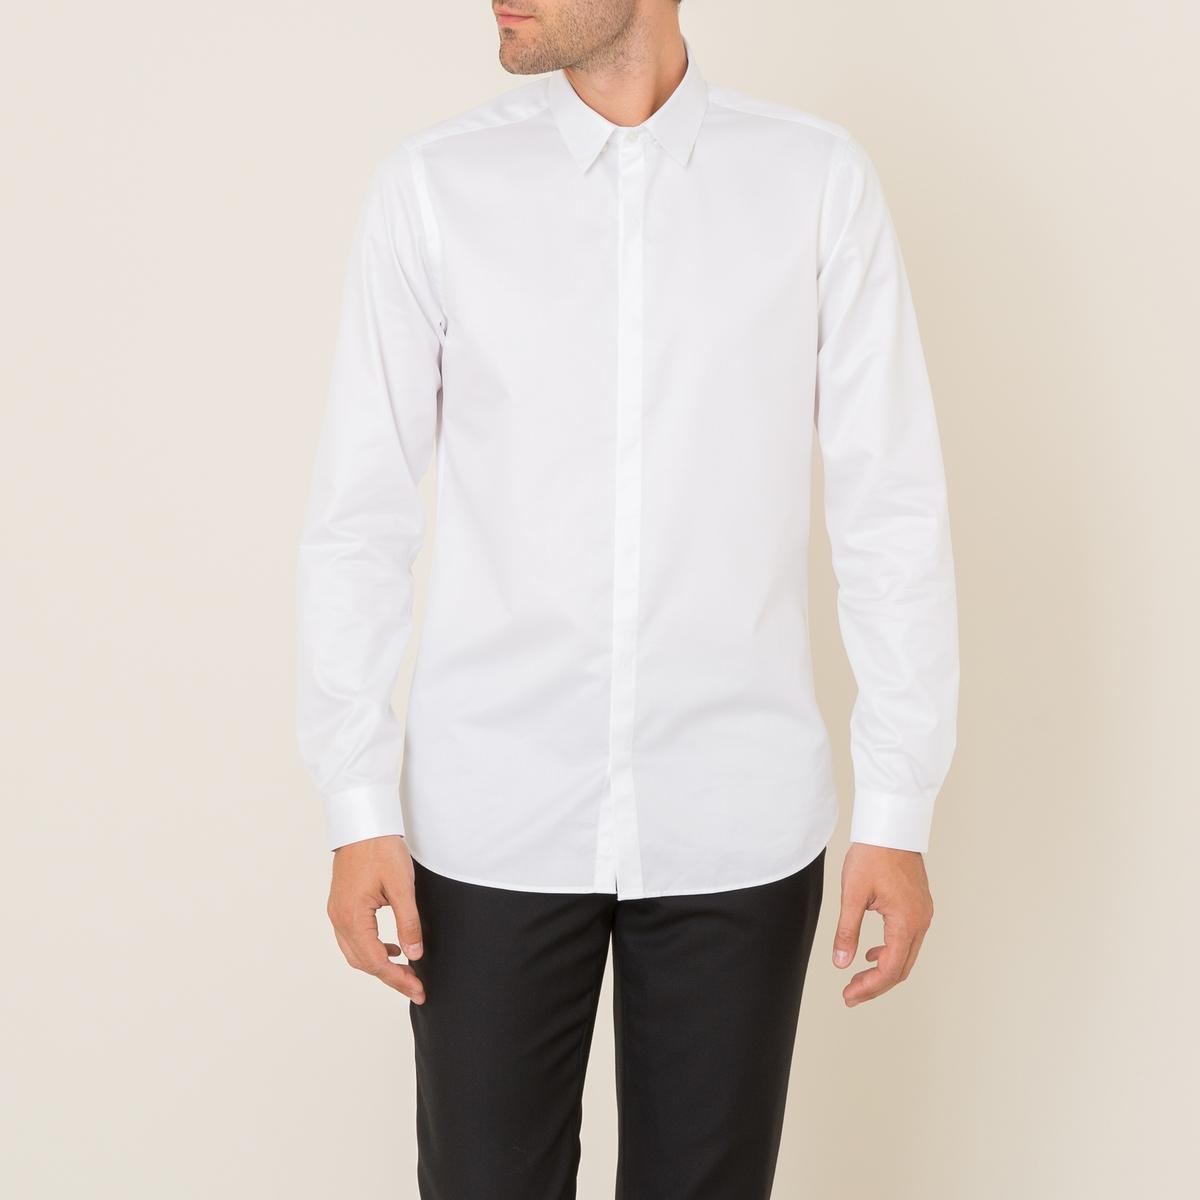 Рубашка из хлопкового твилаРубашка  THE KOOPLES, из хлопкового твила   . Классический воротник. Длинные рукава с пуговицами внизу. Застежка на планку с пуговицами . Закругленный низ по бокам. Облегающий покрой.Состав и описание Материал : 100% хлопок Марка : THE KOOPLES<br><br>Цвет: белый